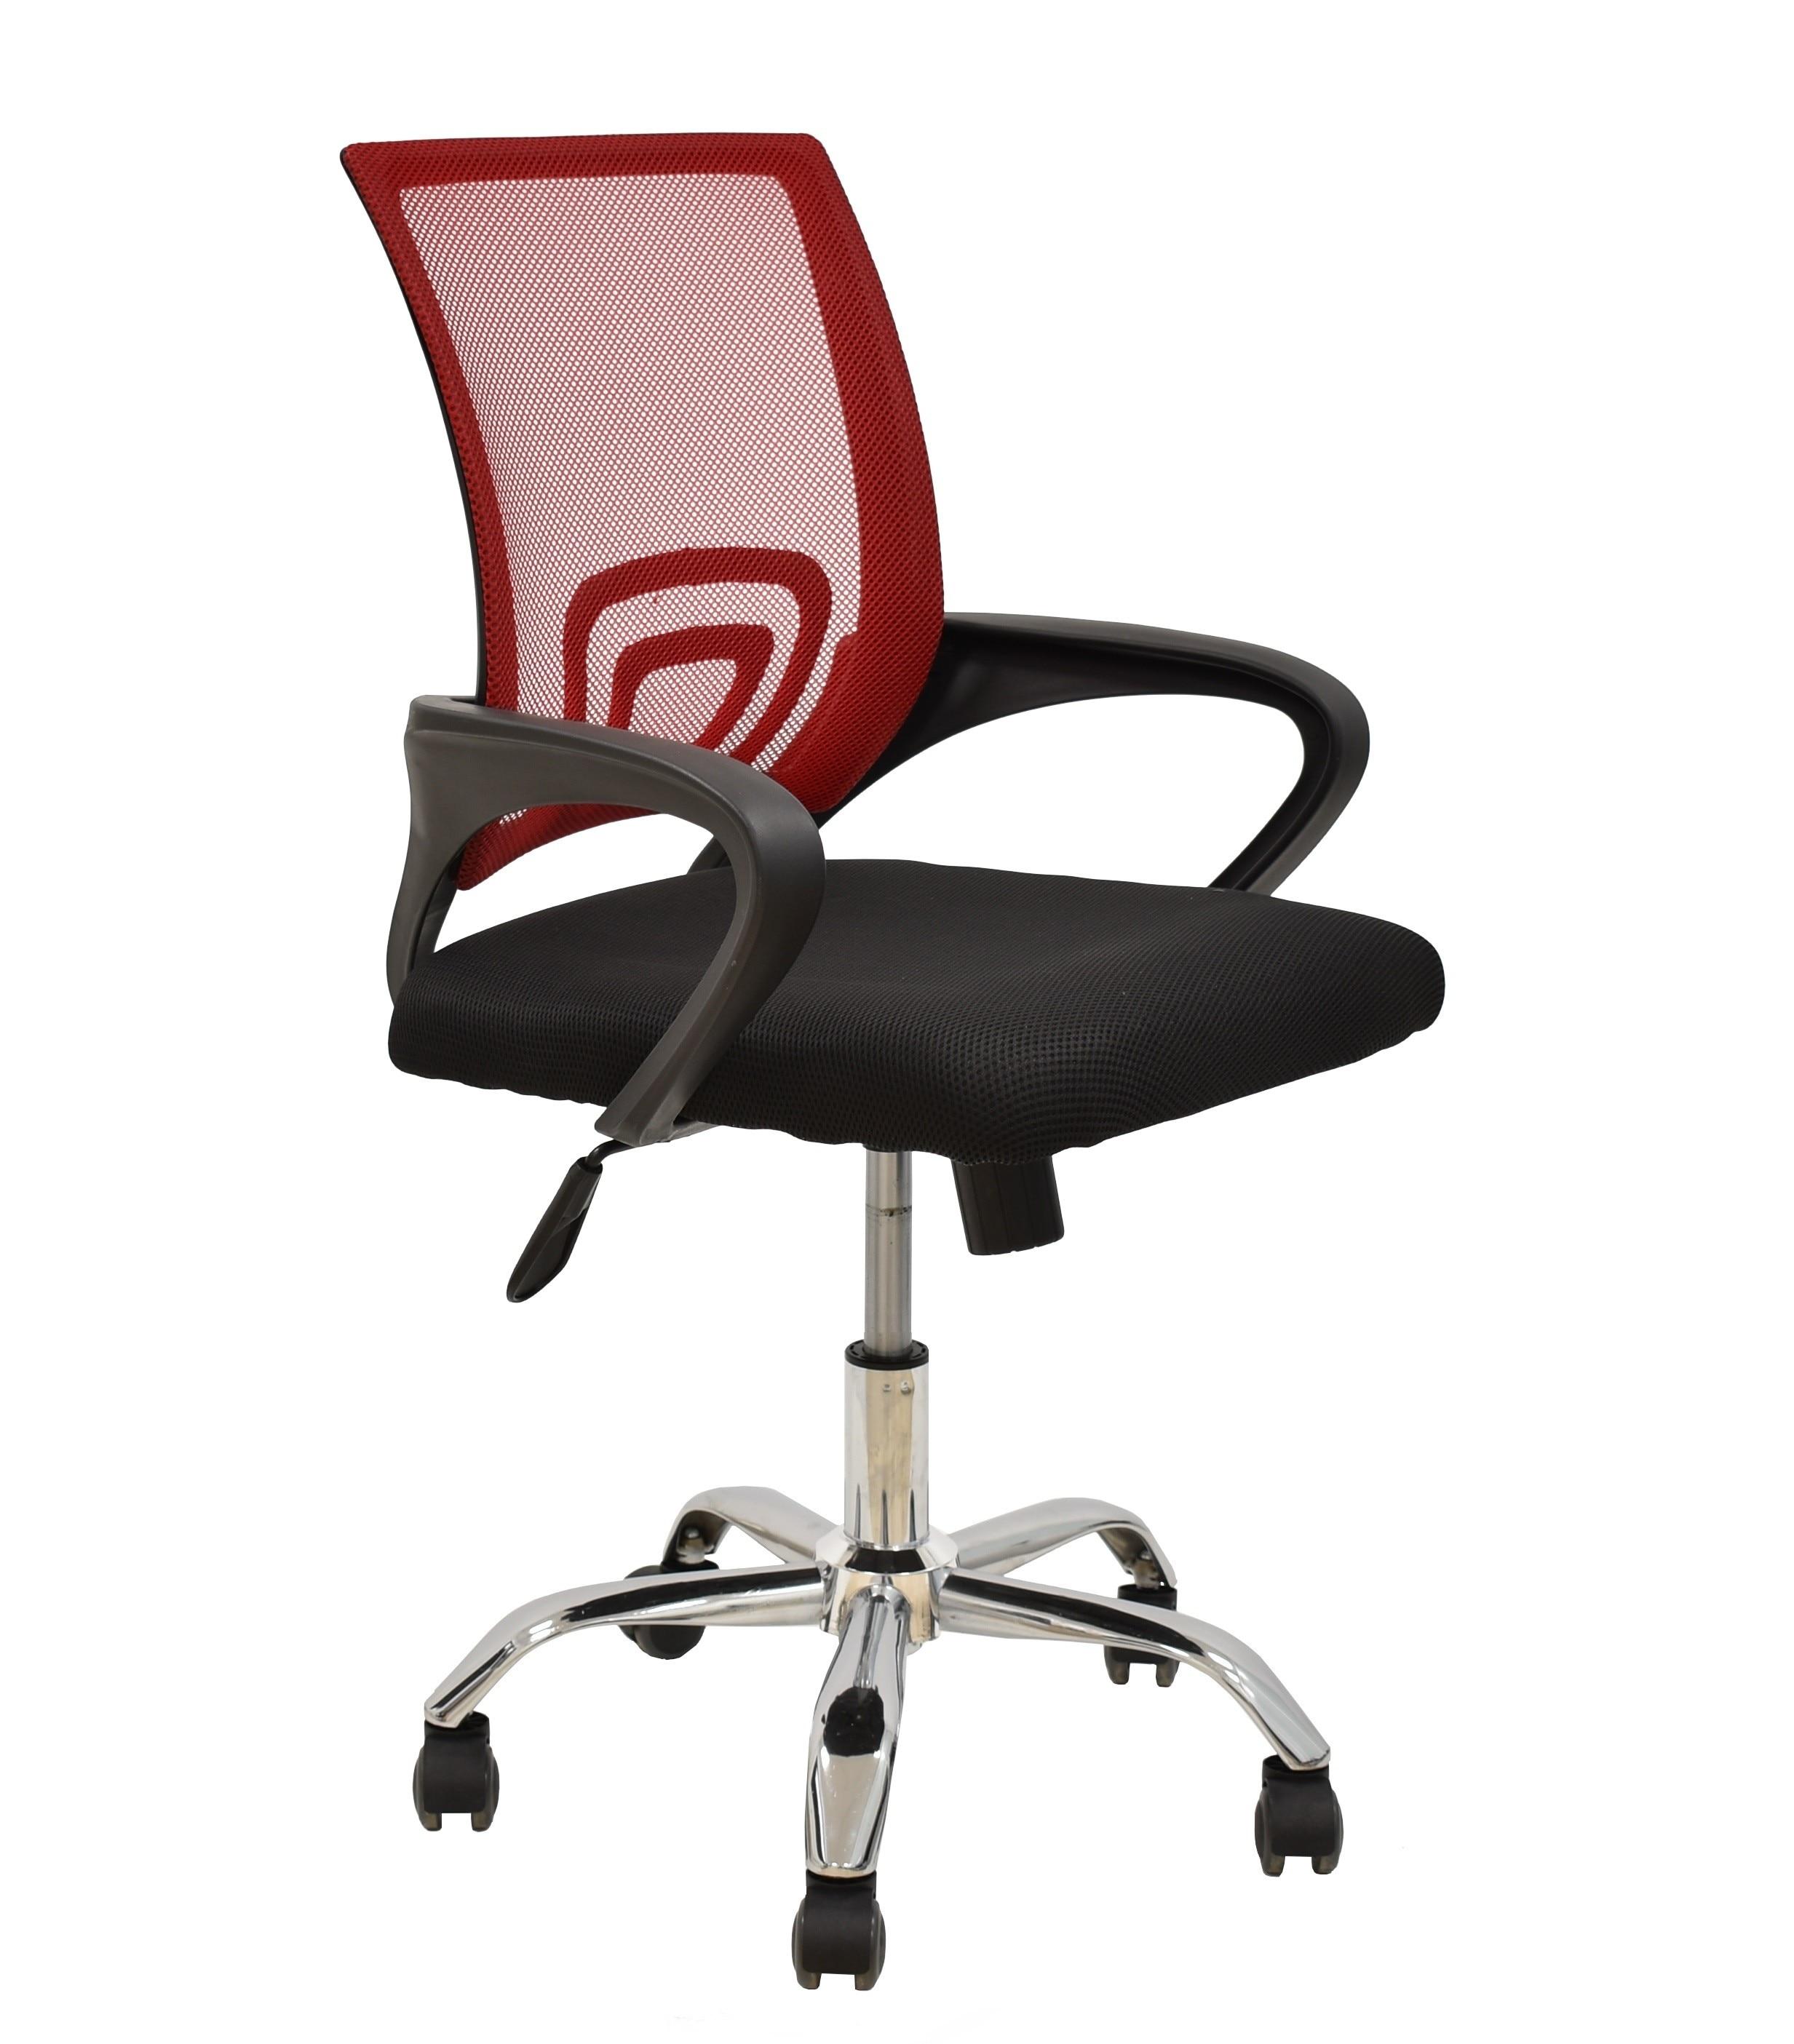 Office Armchair FISS NEW, Black, Gas, Tilt, Network Mesh Fabric Black